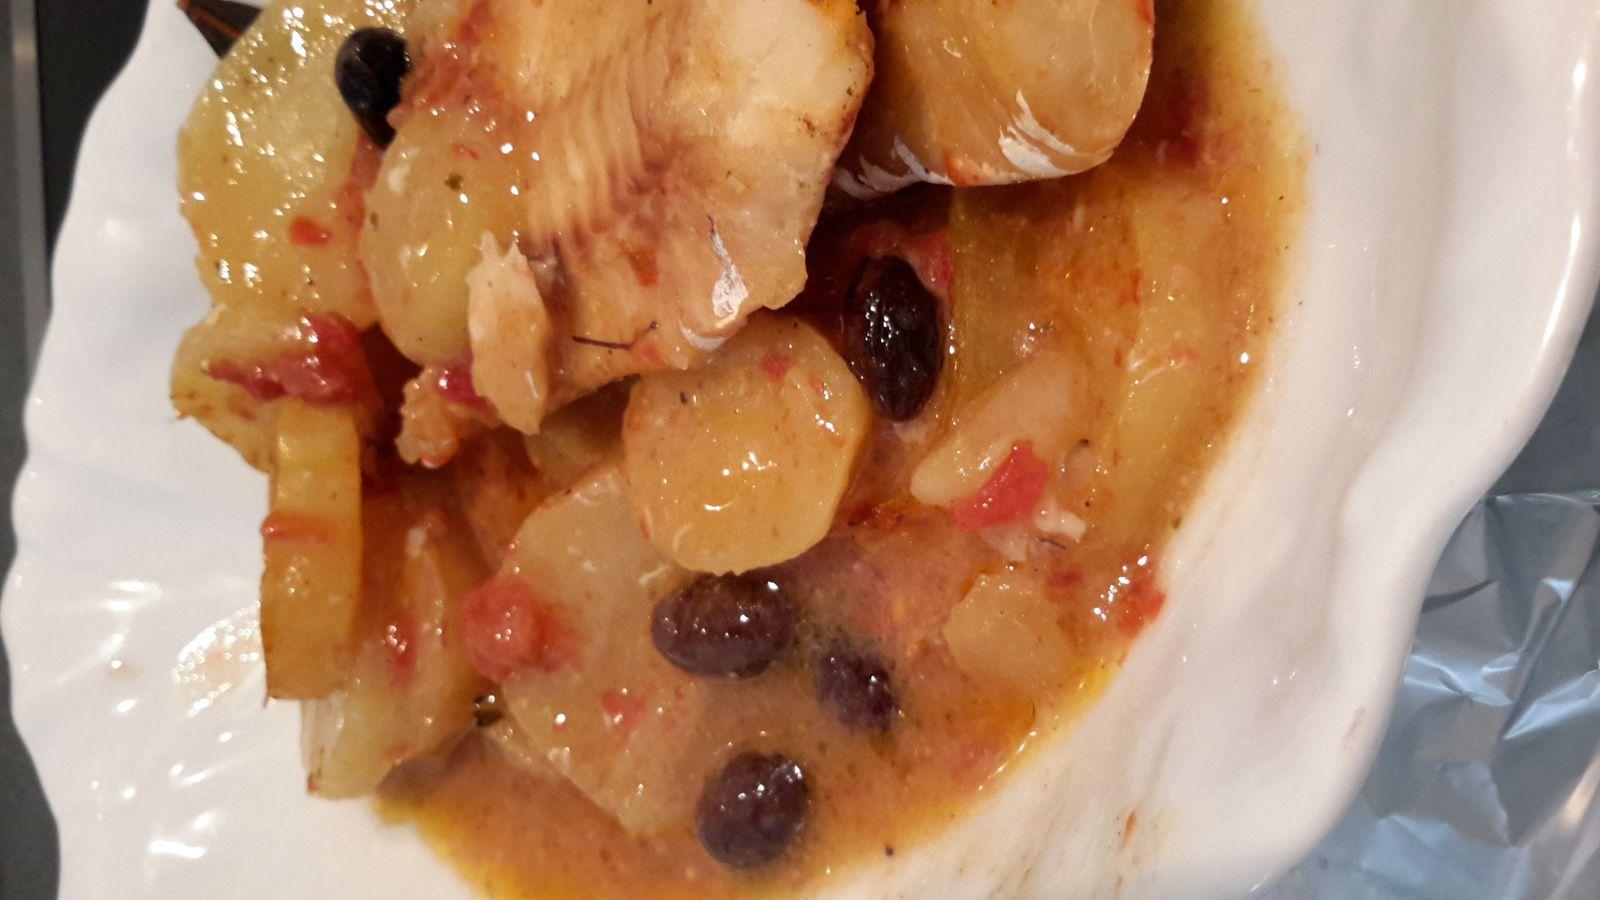 filets de cabillaud au four, recette ultra simple et délicieuse